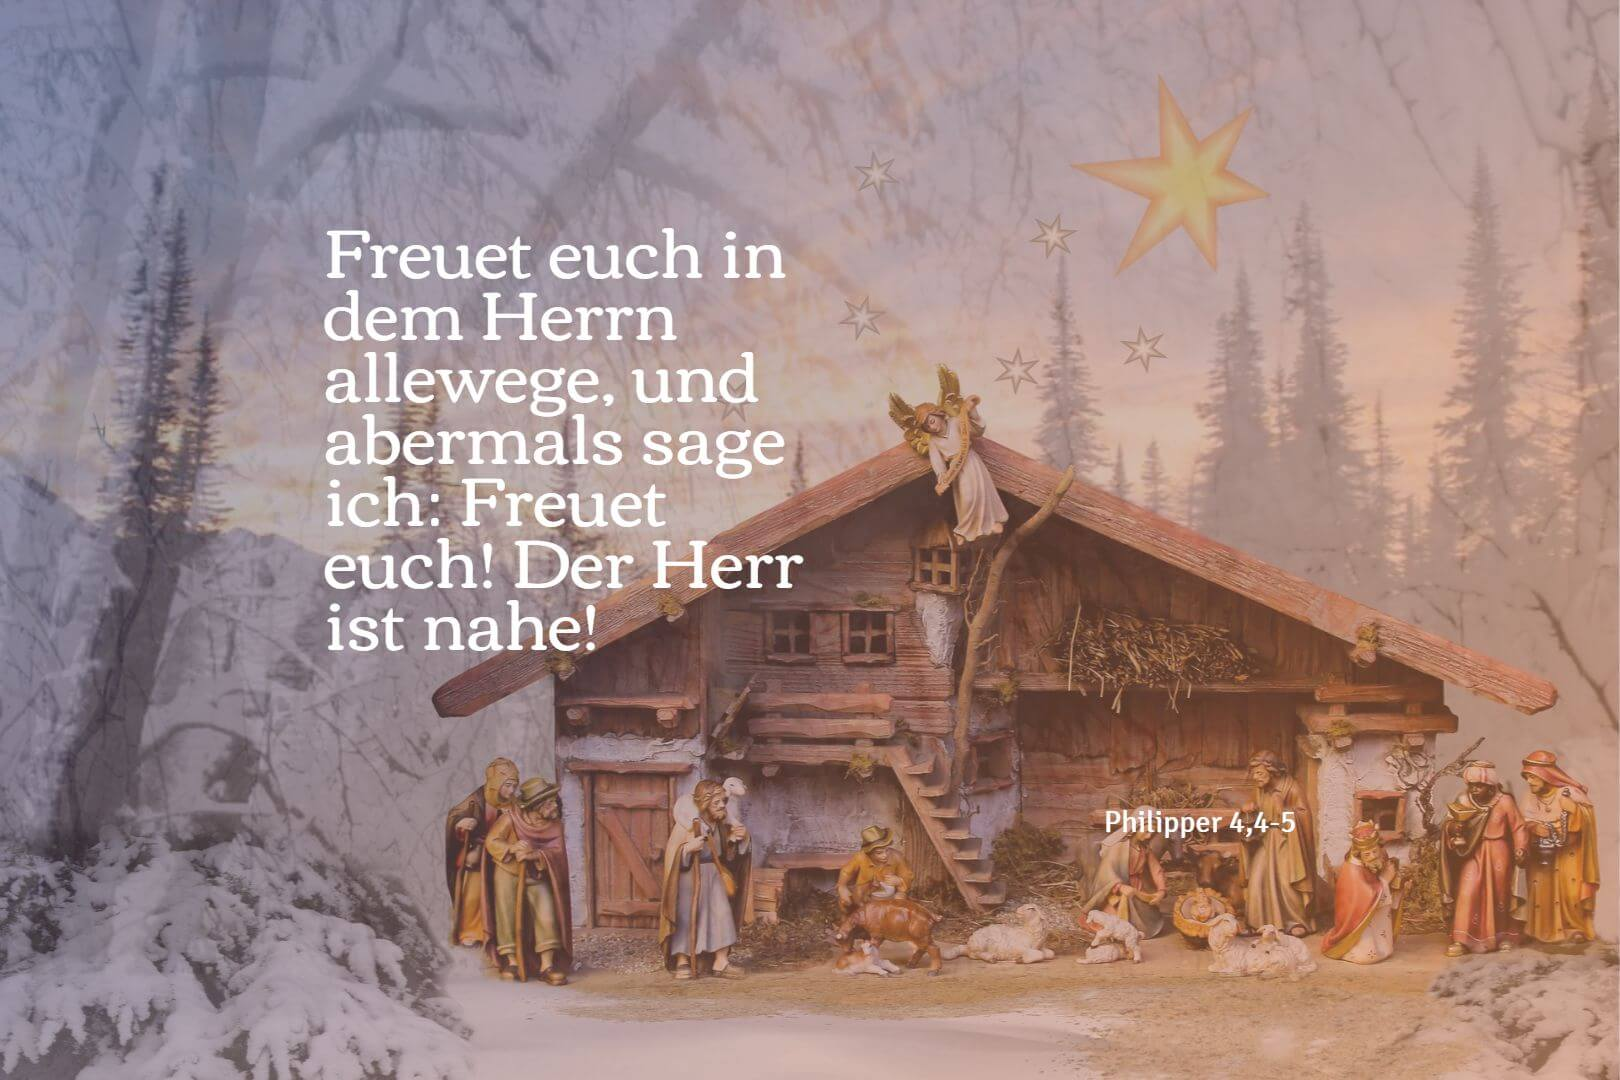 Freuet euch in dem Herrn allewege, und abermals sage ich: Freuet euch! Der Herr ist nahe! - Philipper 4,4-5